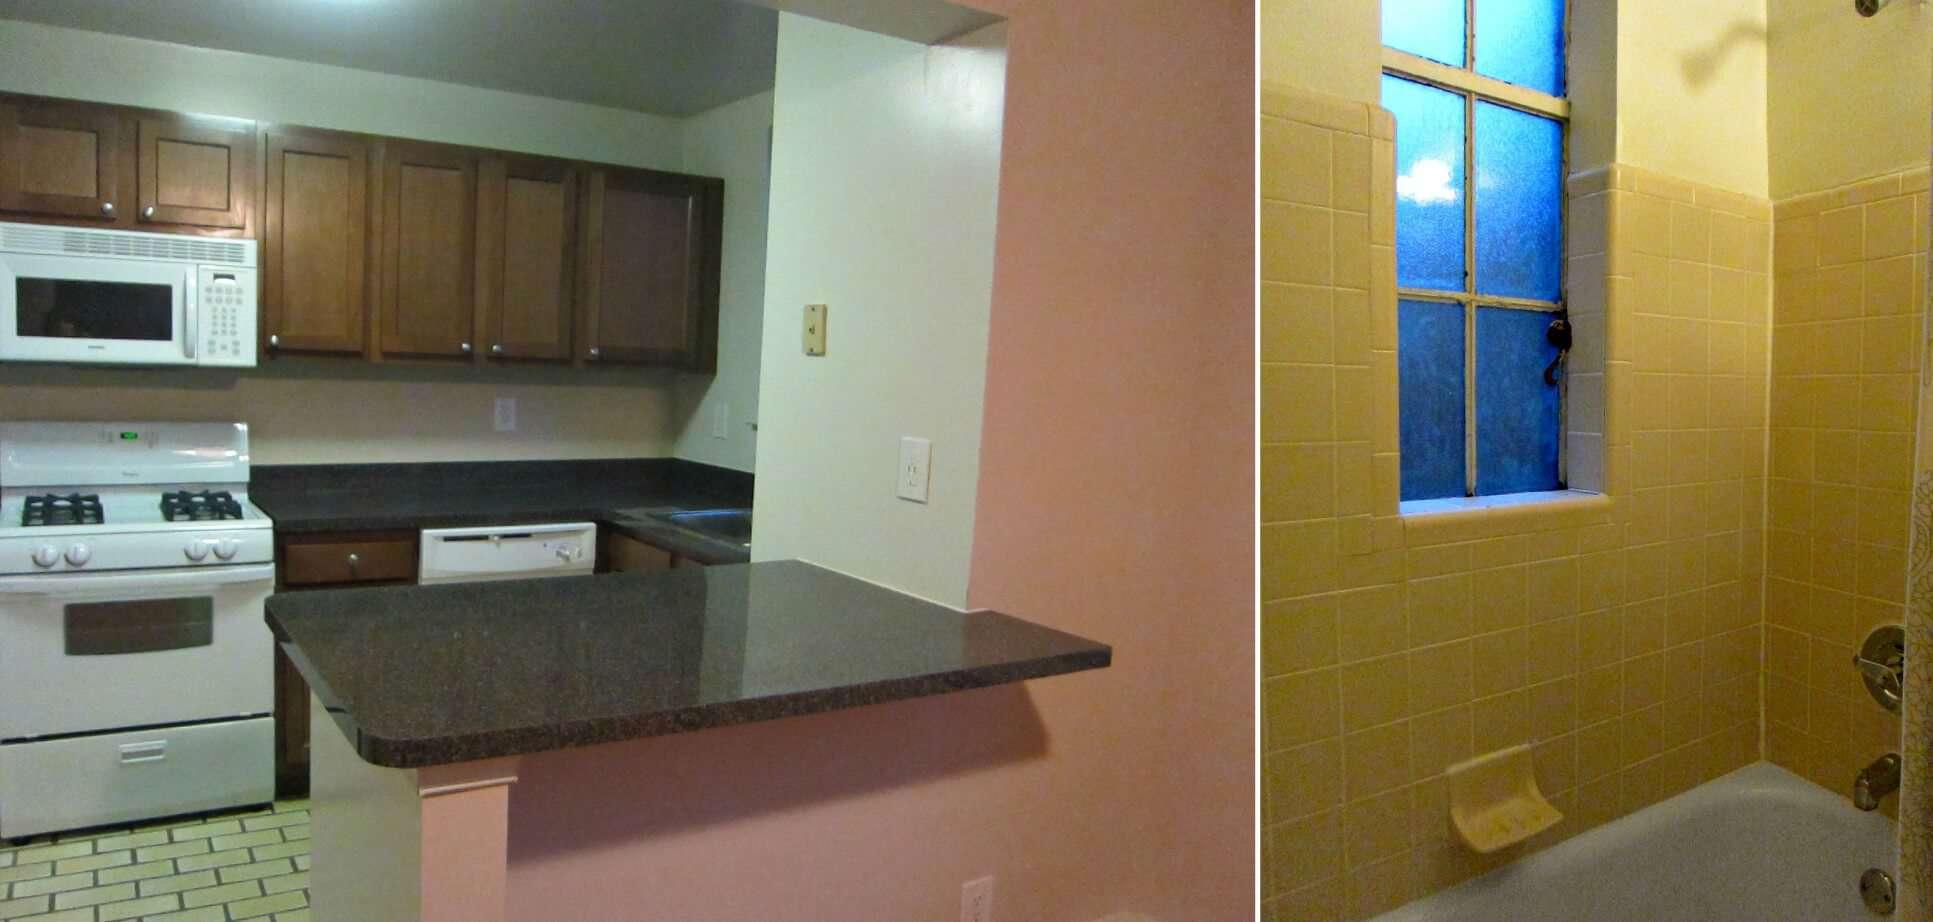 EastFallsLocal Alden Park kitchen and bath COLLAGE